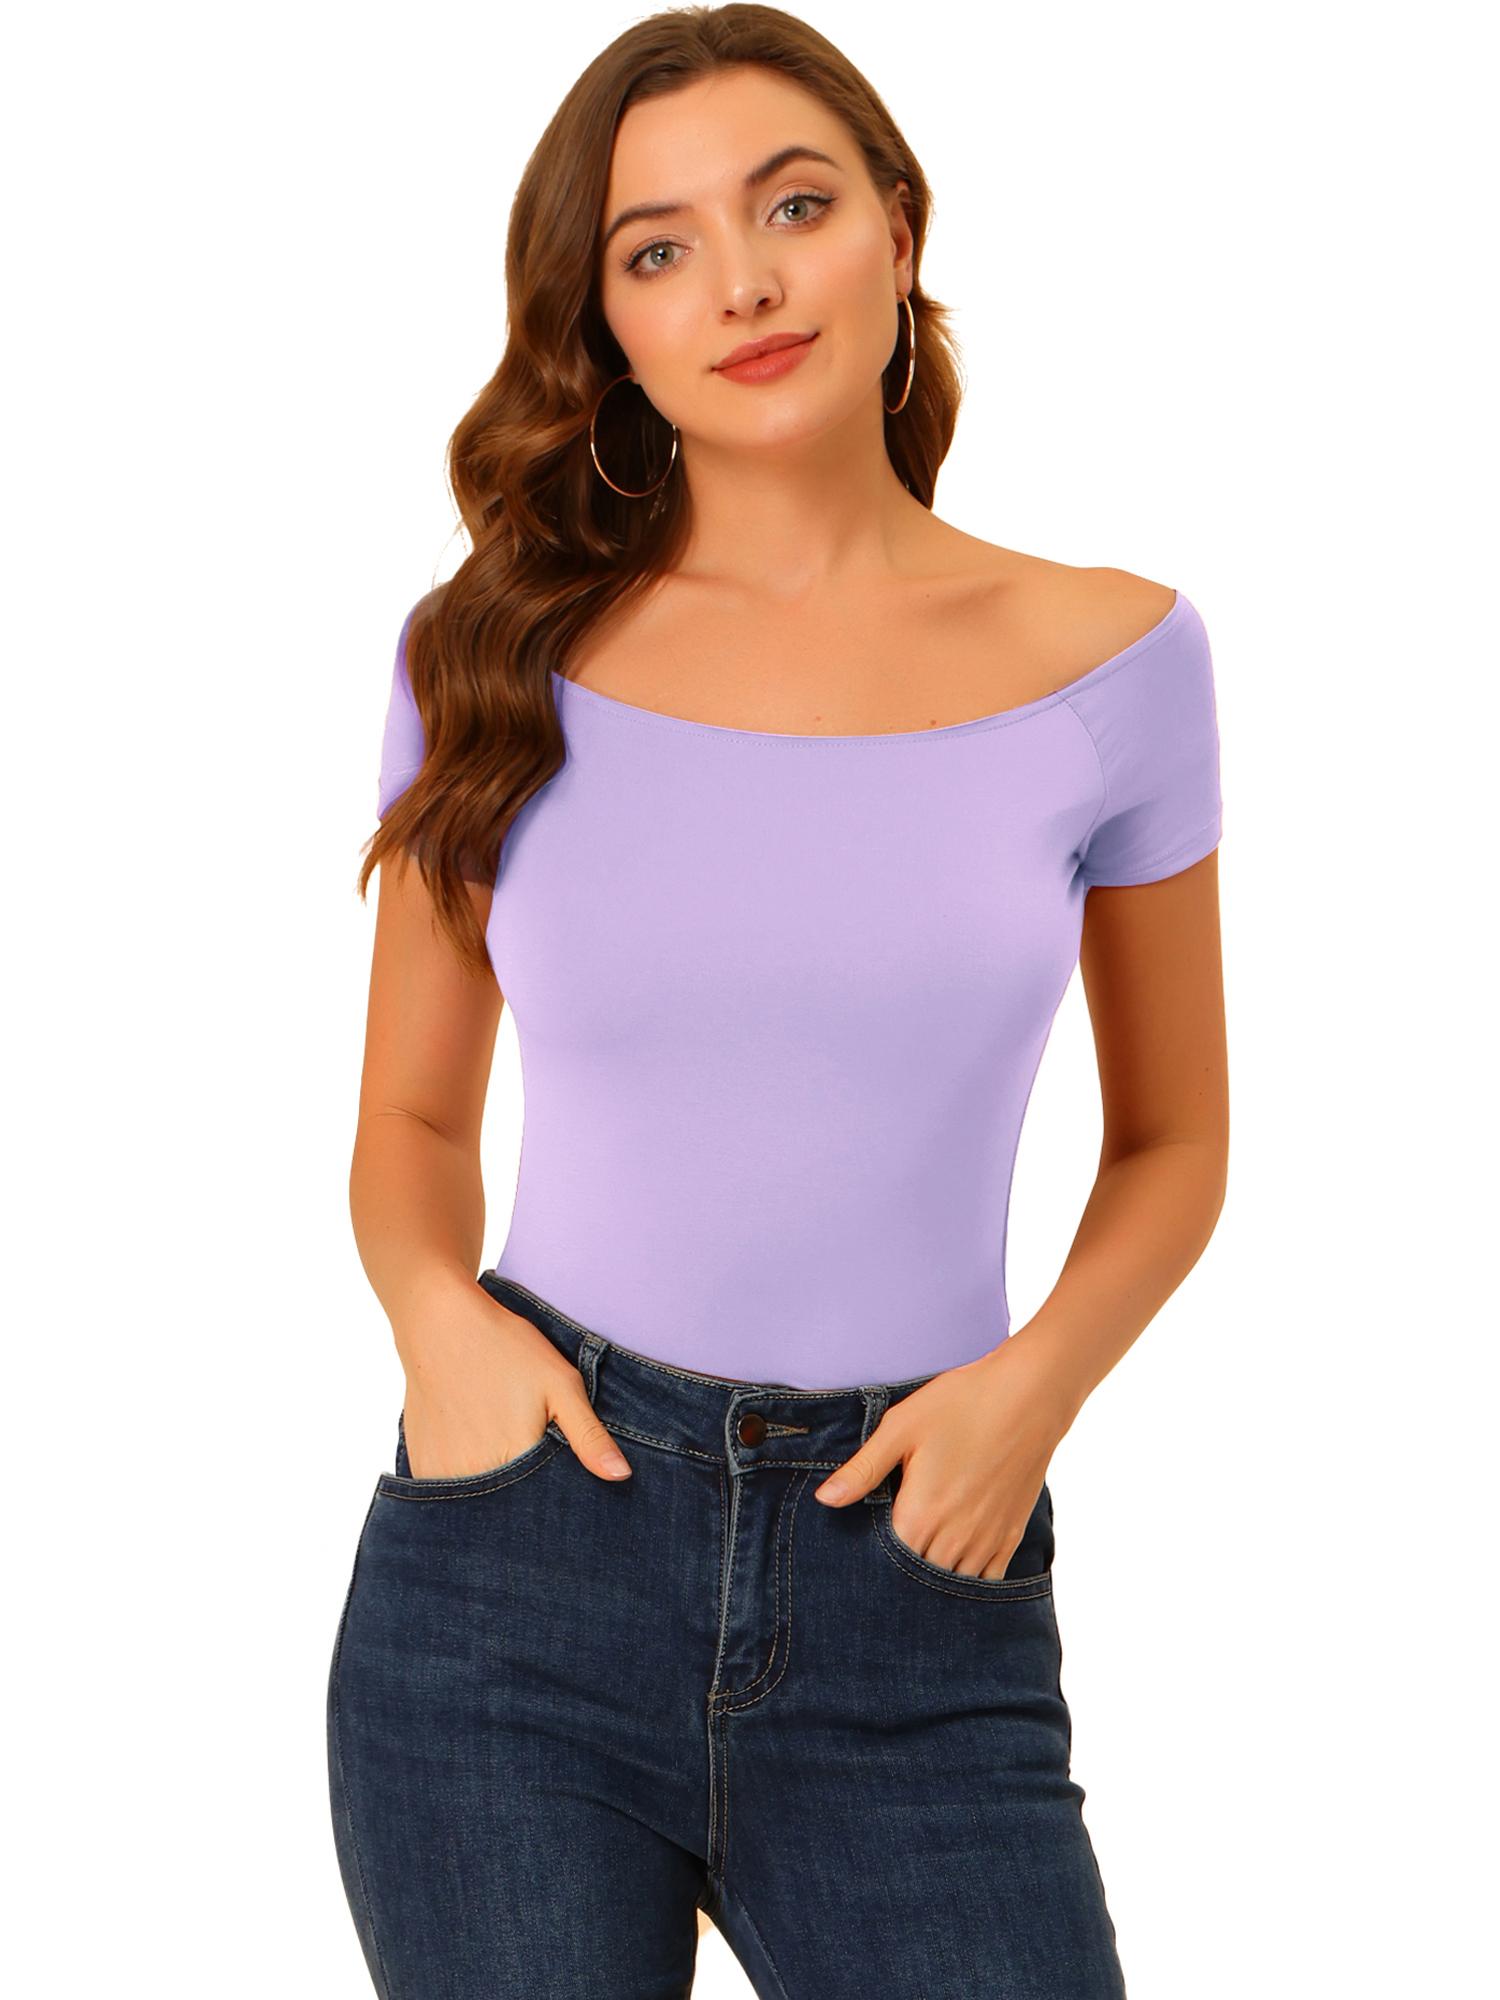 Women Short Sleeves Slim Fit Off the Shoulder Top Lavender M